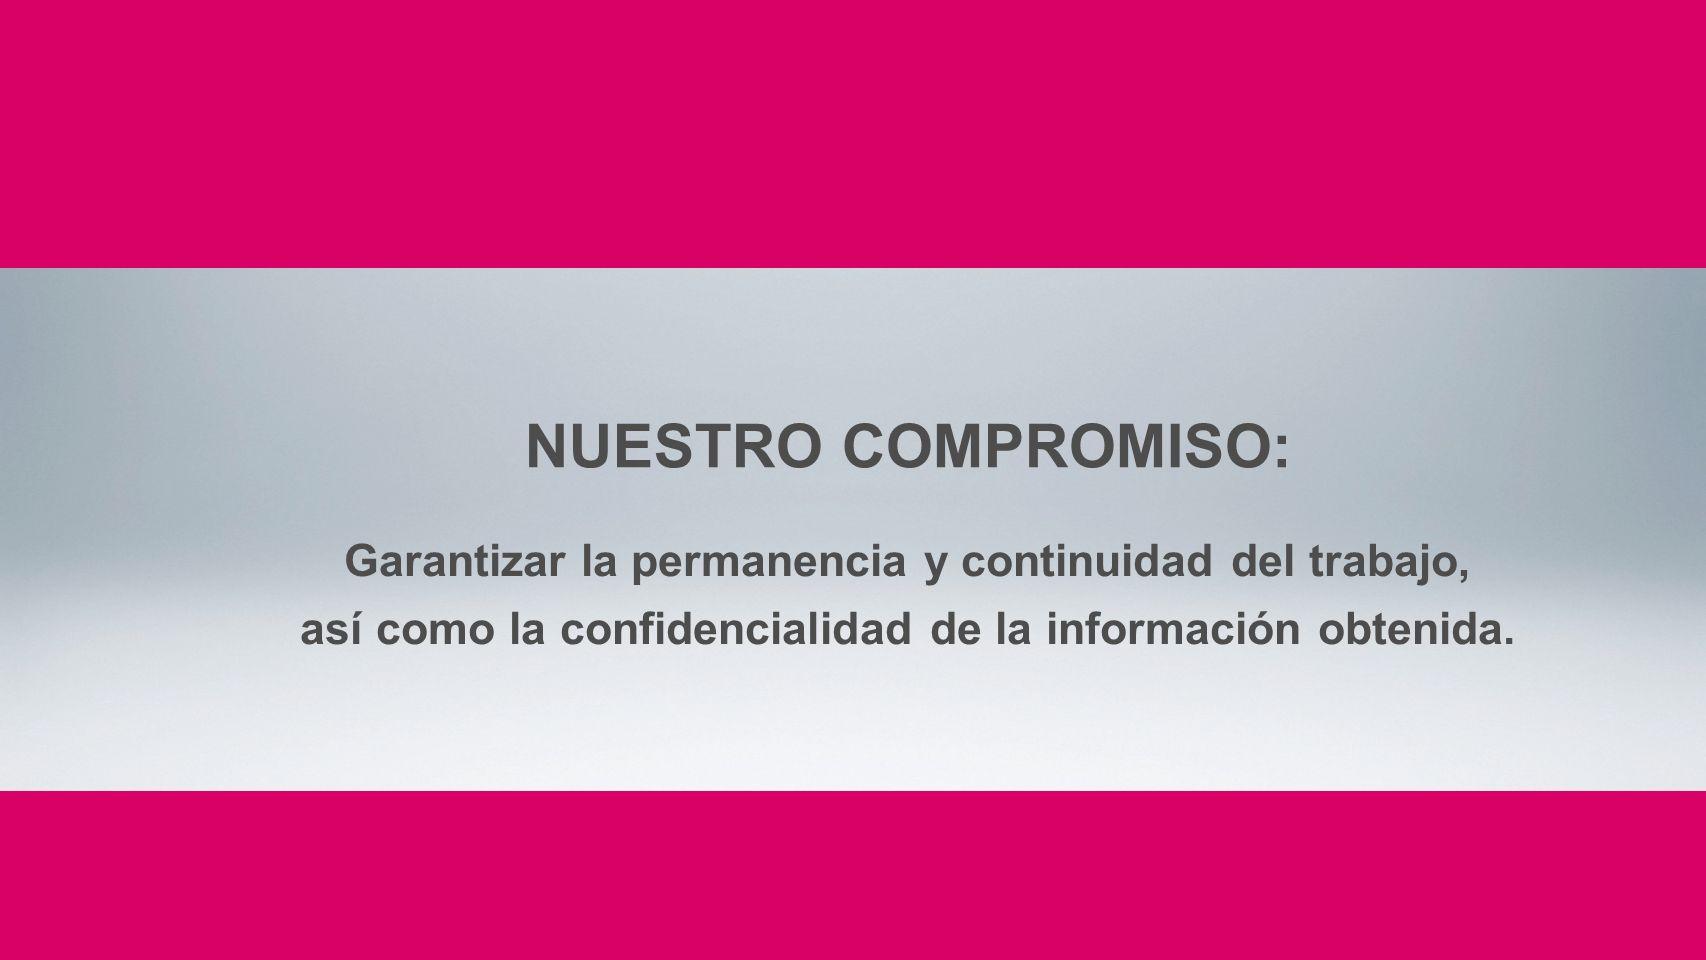 NUESTRO COMPROMISO: Garantizar la permanencia y continuidad del trabajo, así como la confidencialidad de la información obtenida.